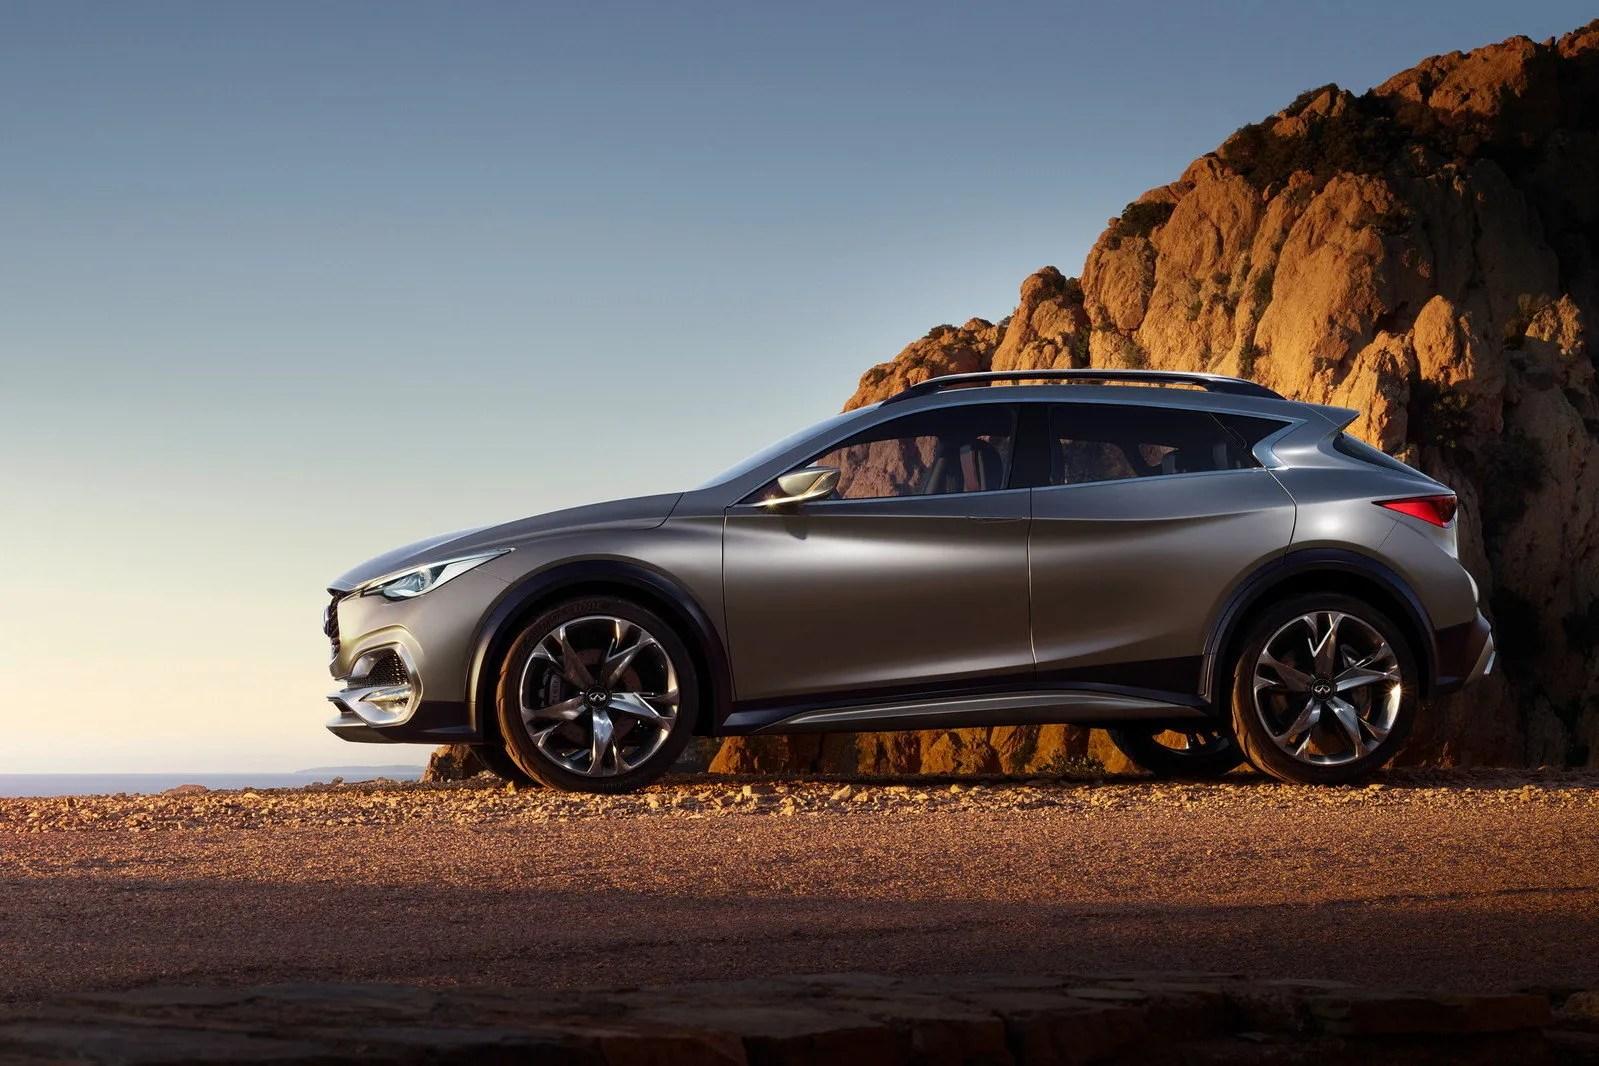 2015 Infiniti QX30 Concept Picture 619411 Car Review